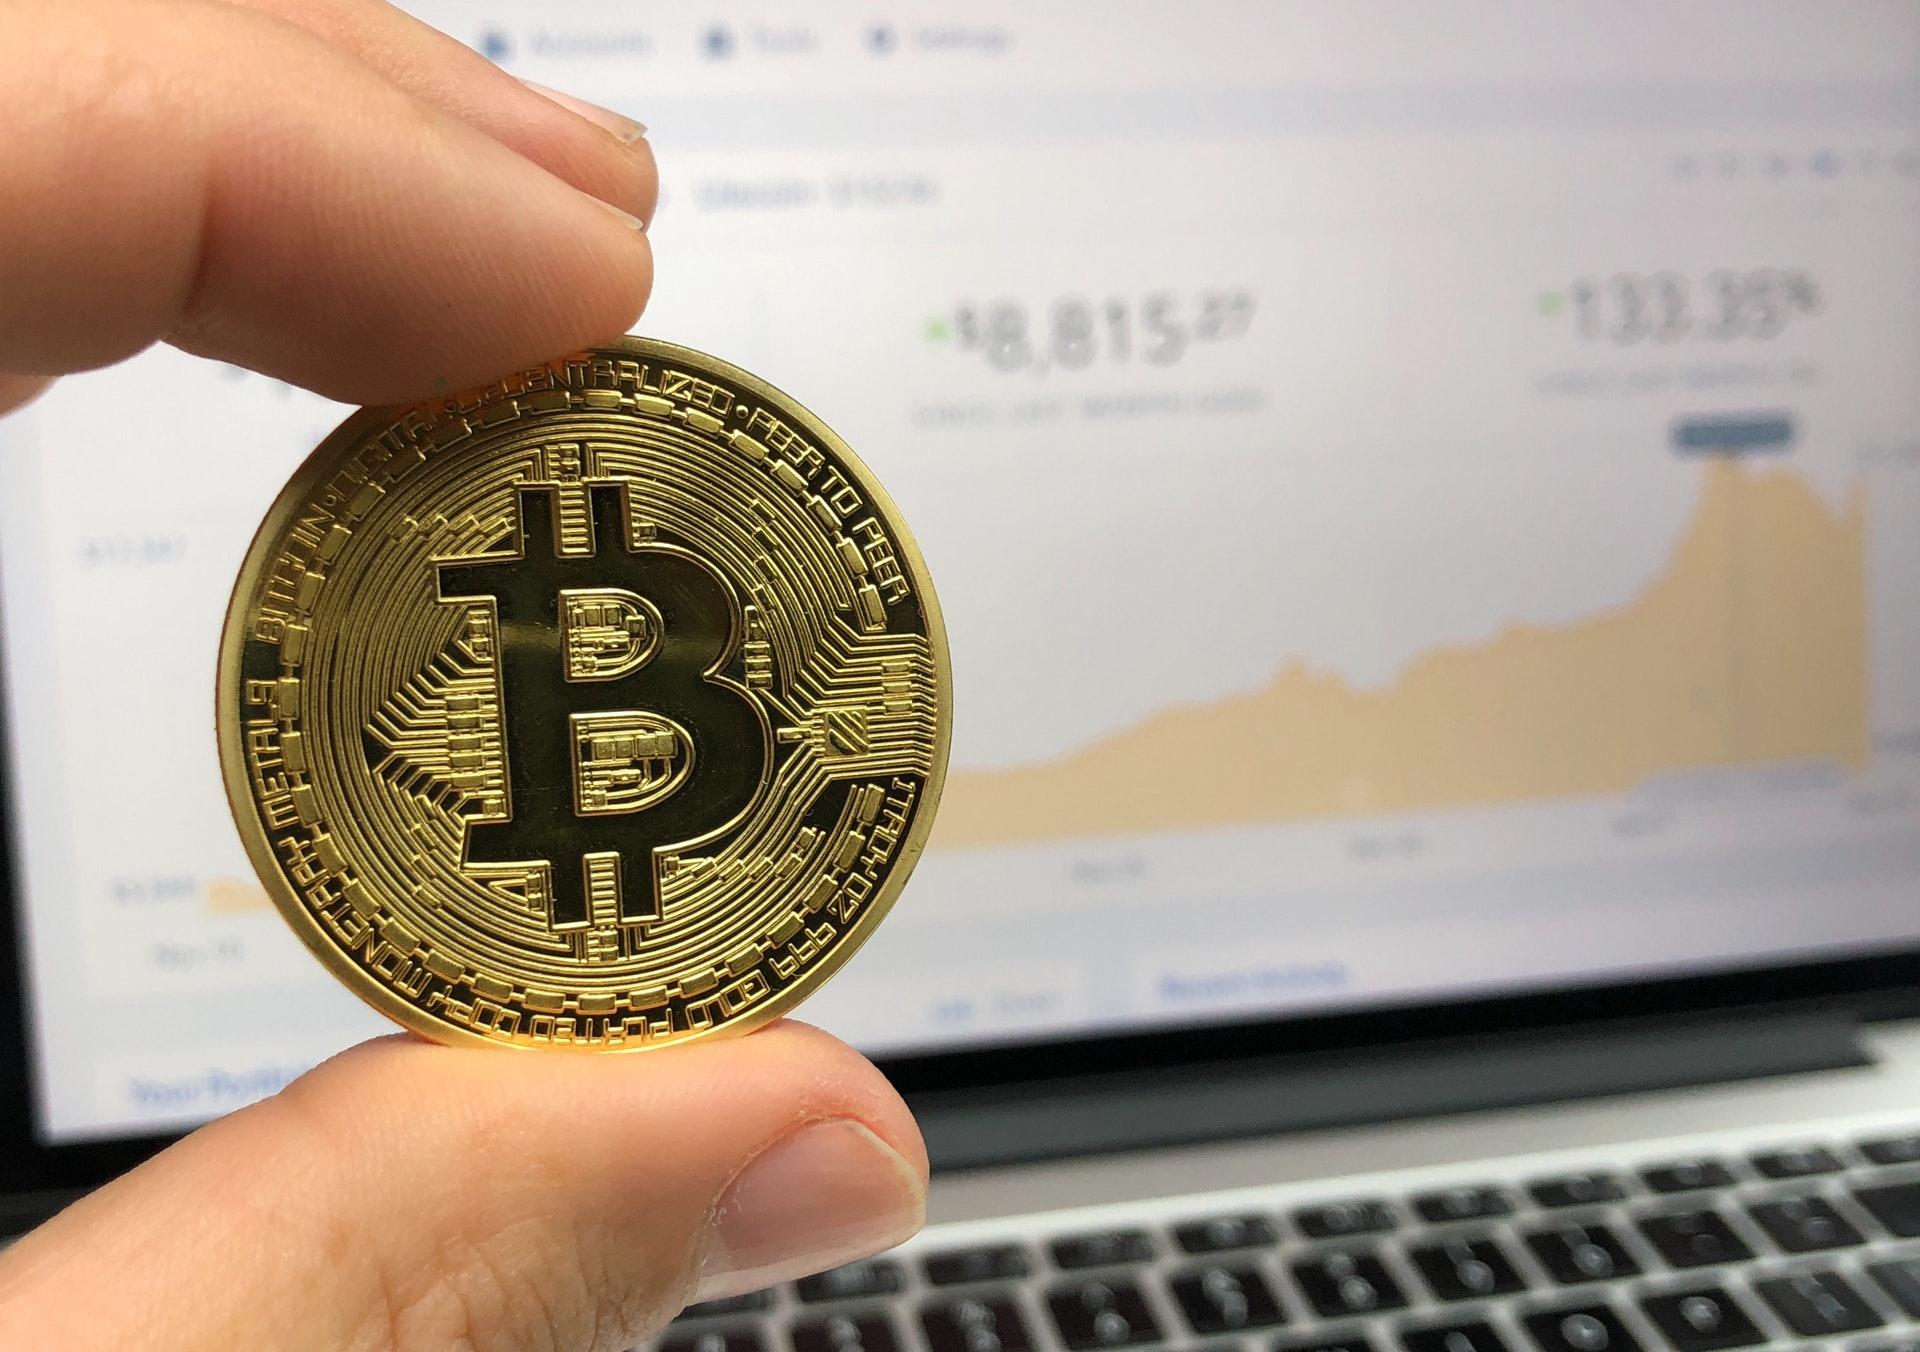 """ceo di messari wealth transfer portera bitcoin btc a 50 000 - CEO di Messari: """"Wealth Transfer"""" porterà Bitcoin (BTC) a $ 50.000"""